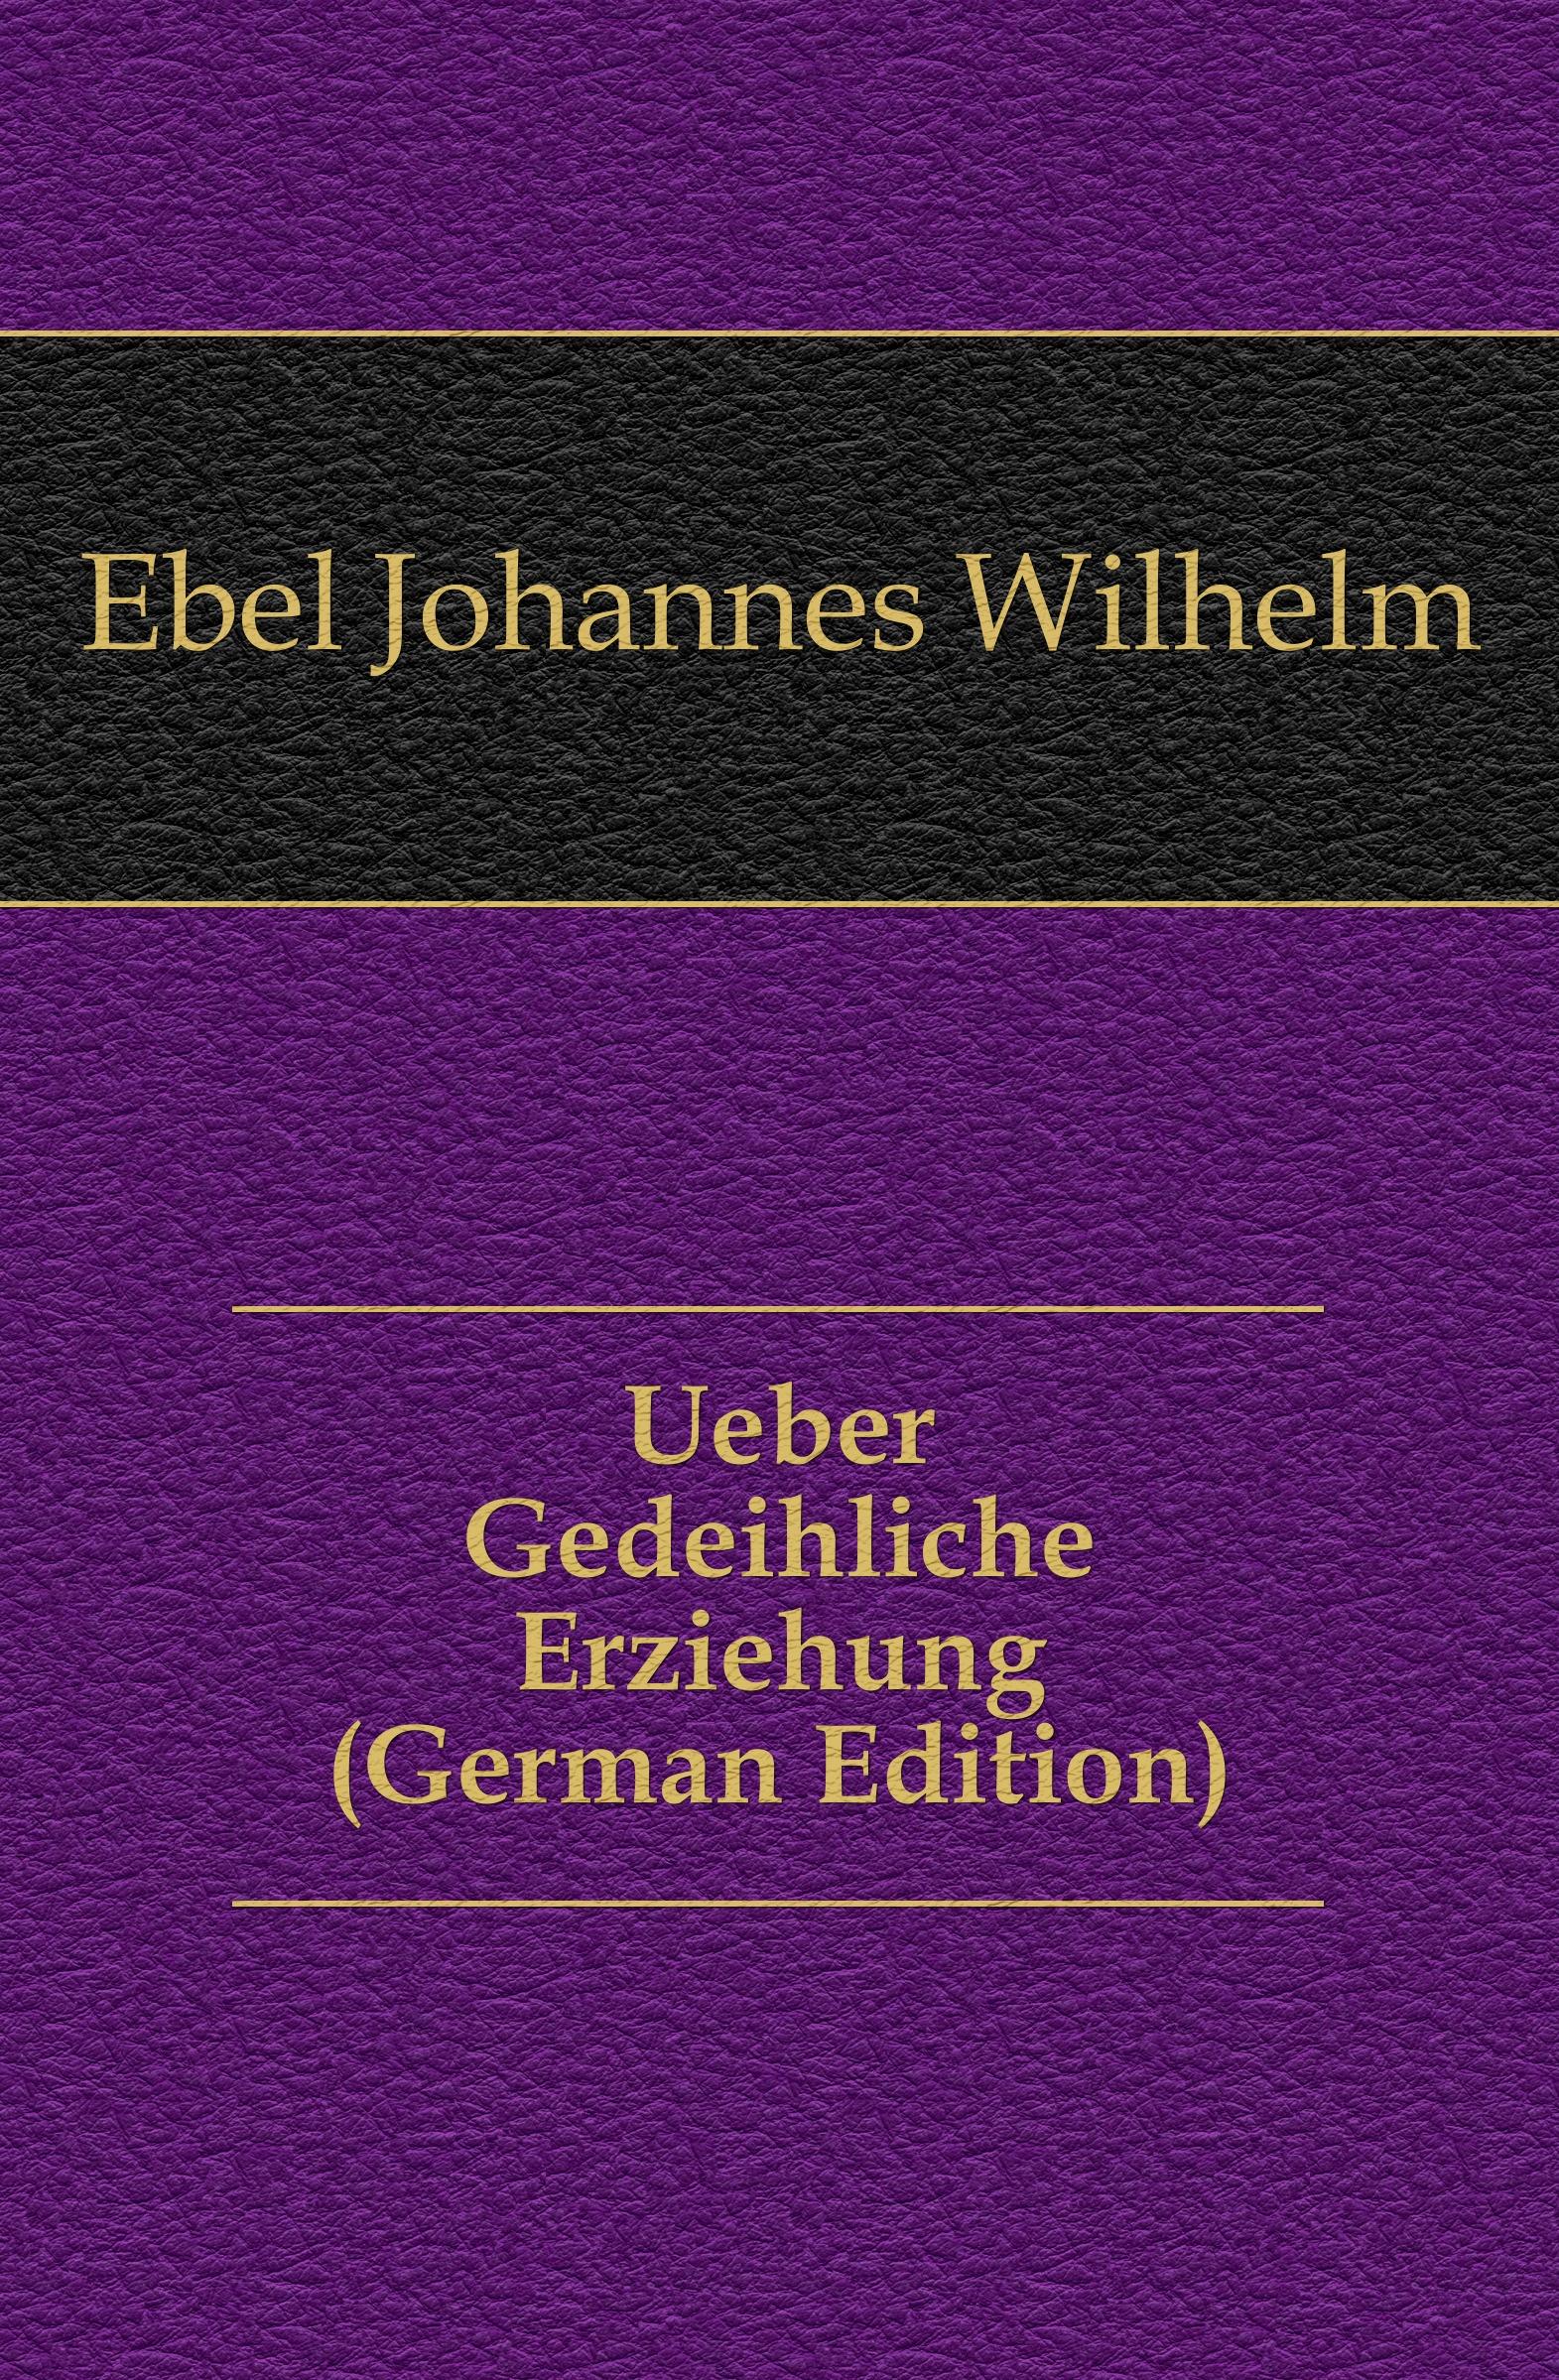 Ebel Johannes Wilhelm Ueber Gedeihliche Erziehung (German Edition) цены